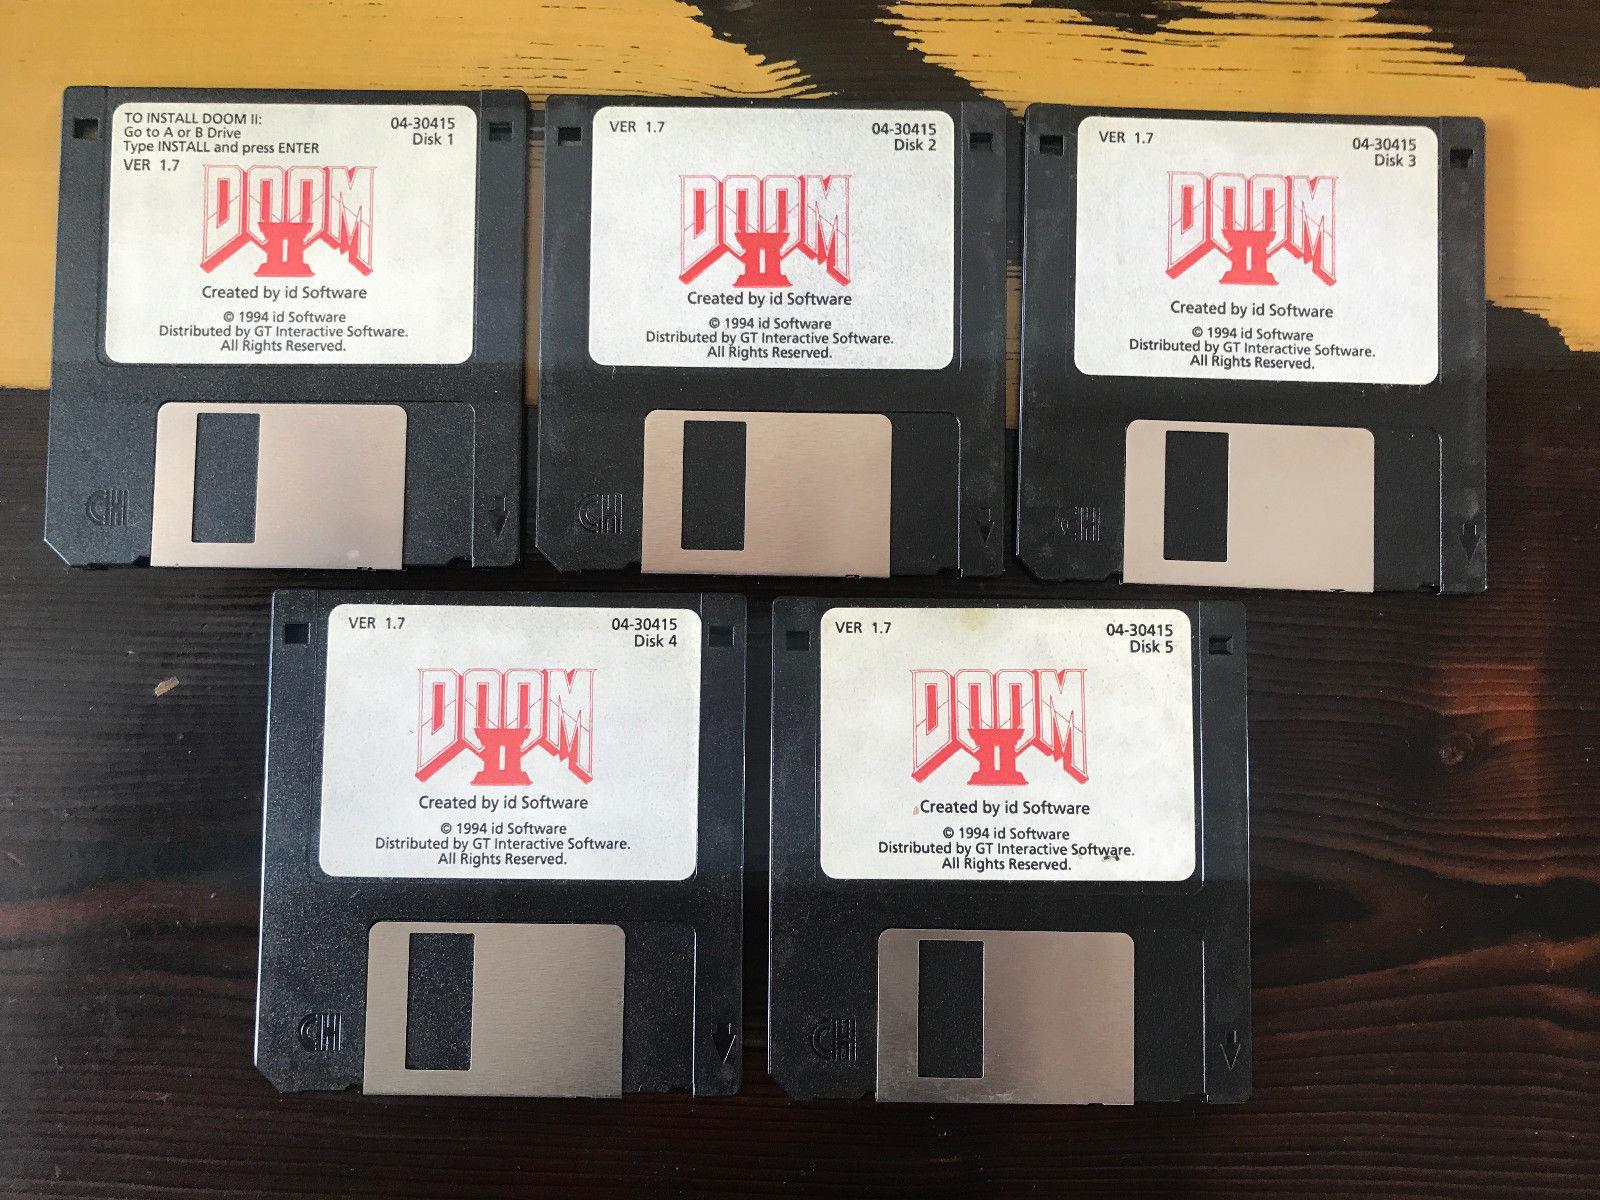 Джон Ромеро продал оригинальные дискеты с Doom II на eBay за $3000 - 1